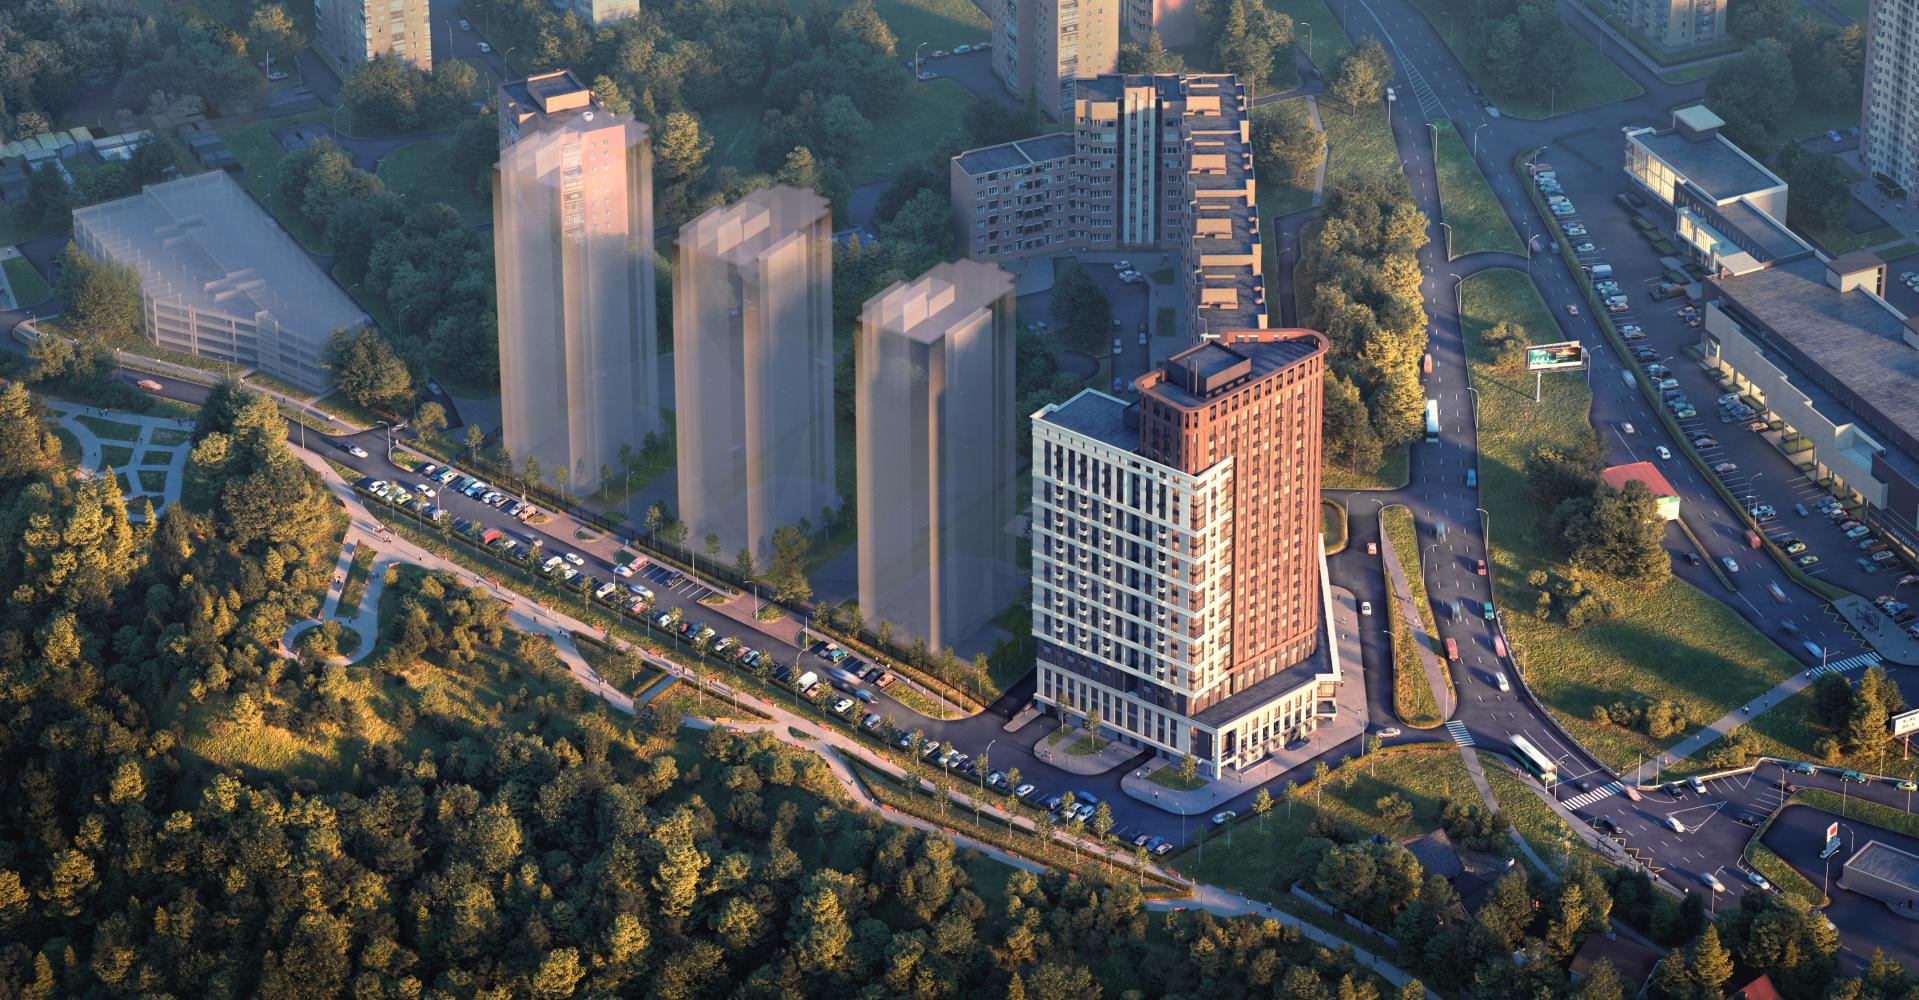 ТОП-5 новостроек бизнес-класса в Нижнем Новгороде с самыми доступными квартирами - фото 3